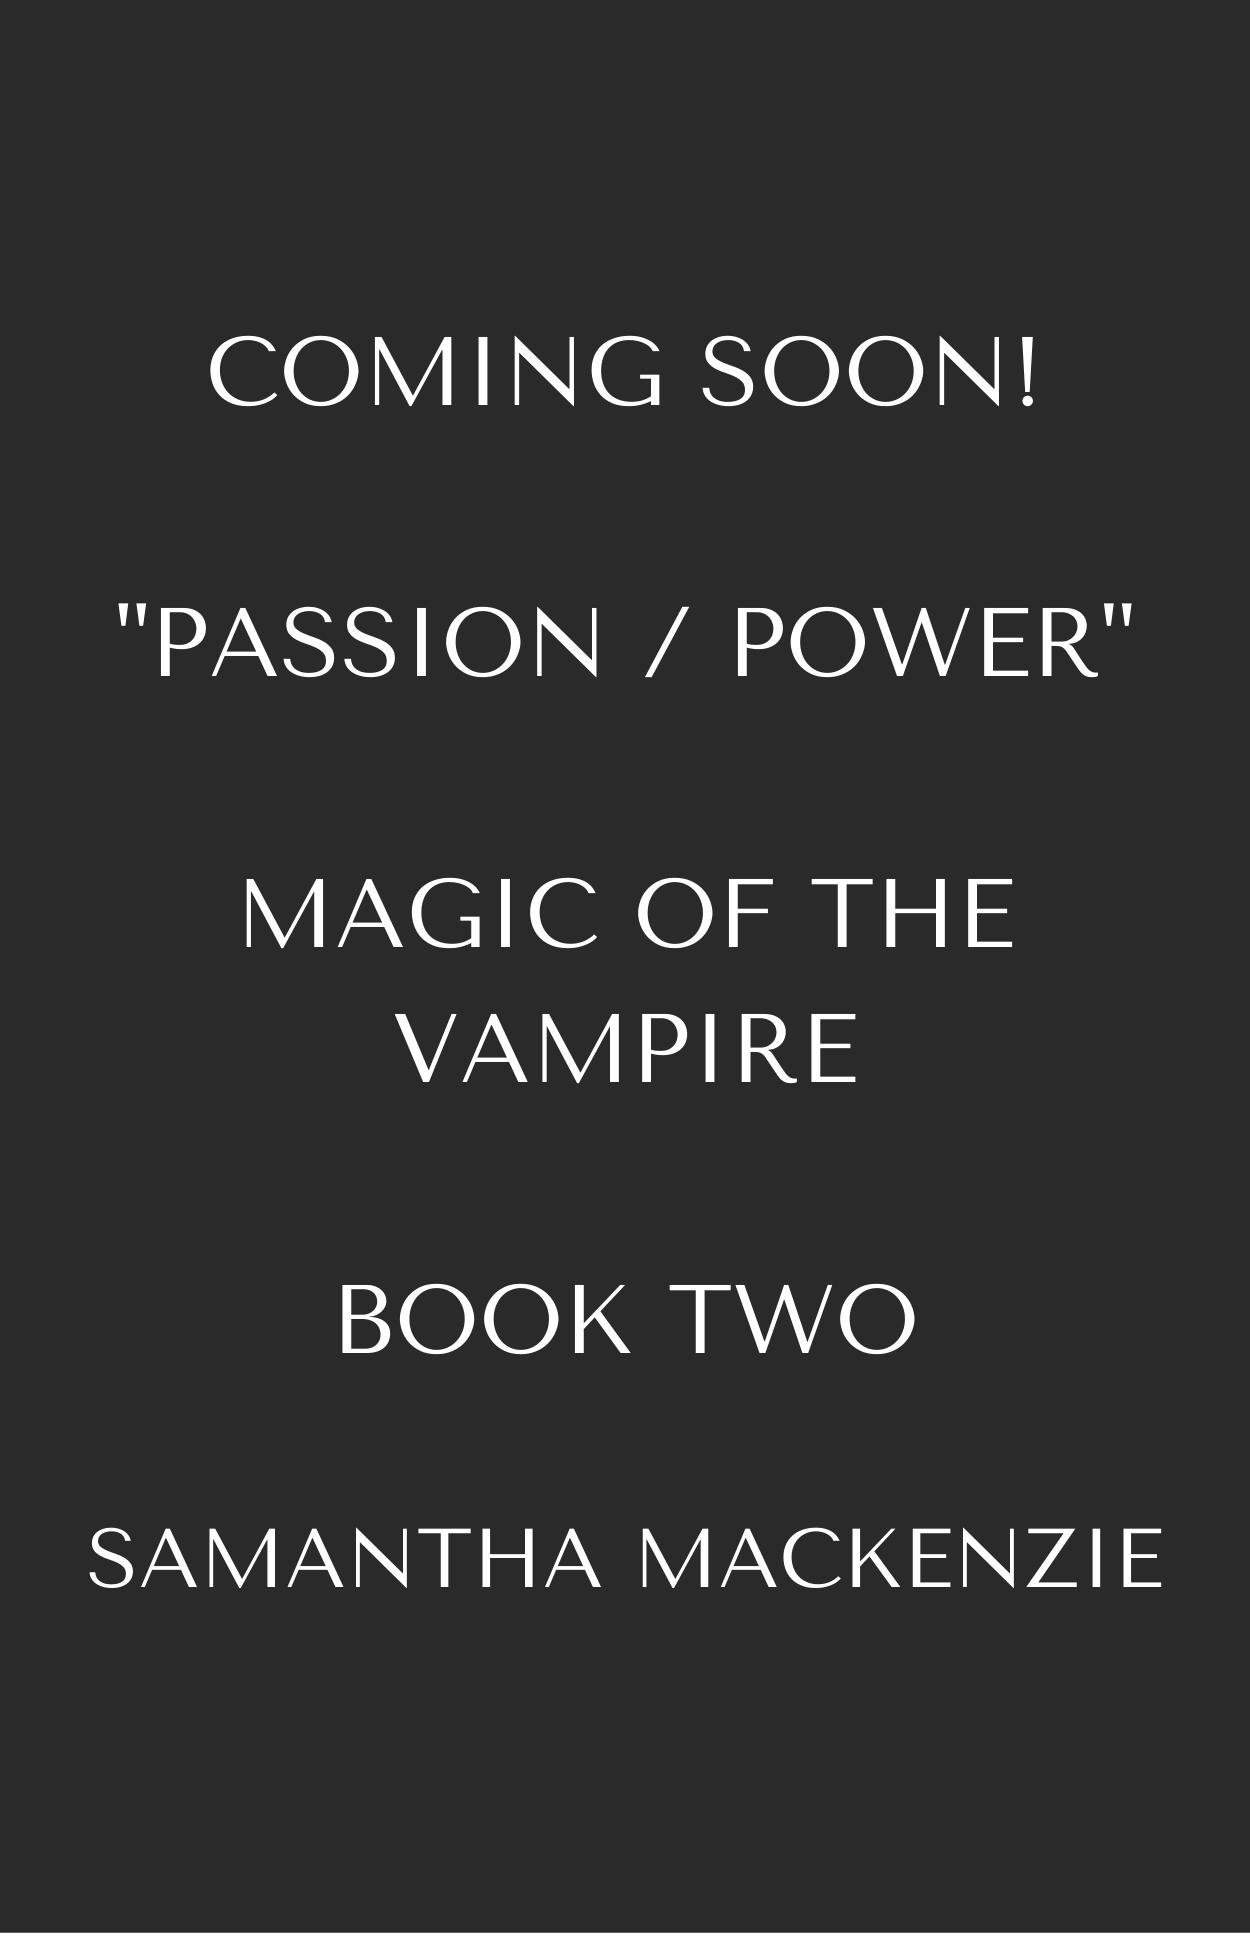 Passion Power Magic of the Vampire Samantha MacKenzie